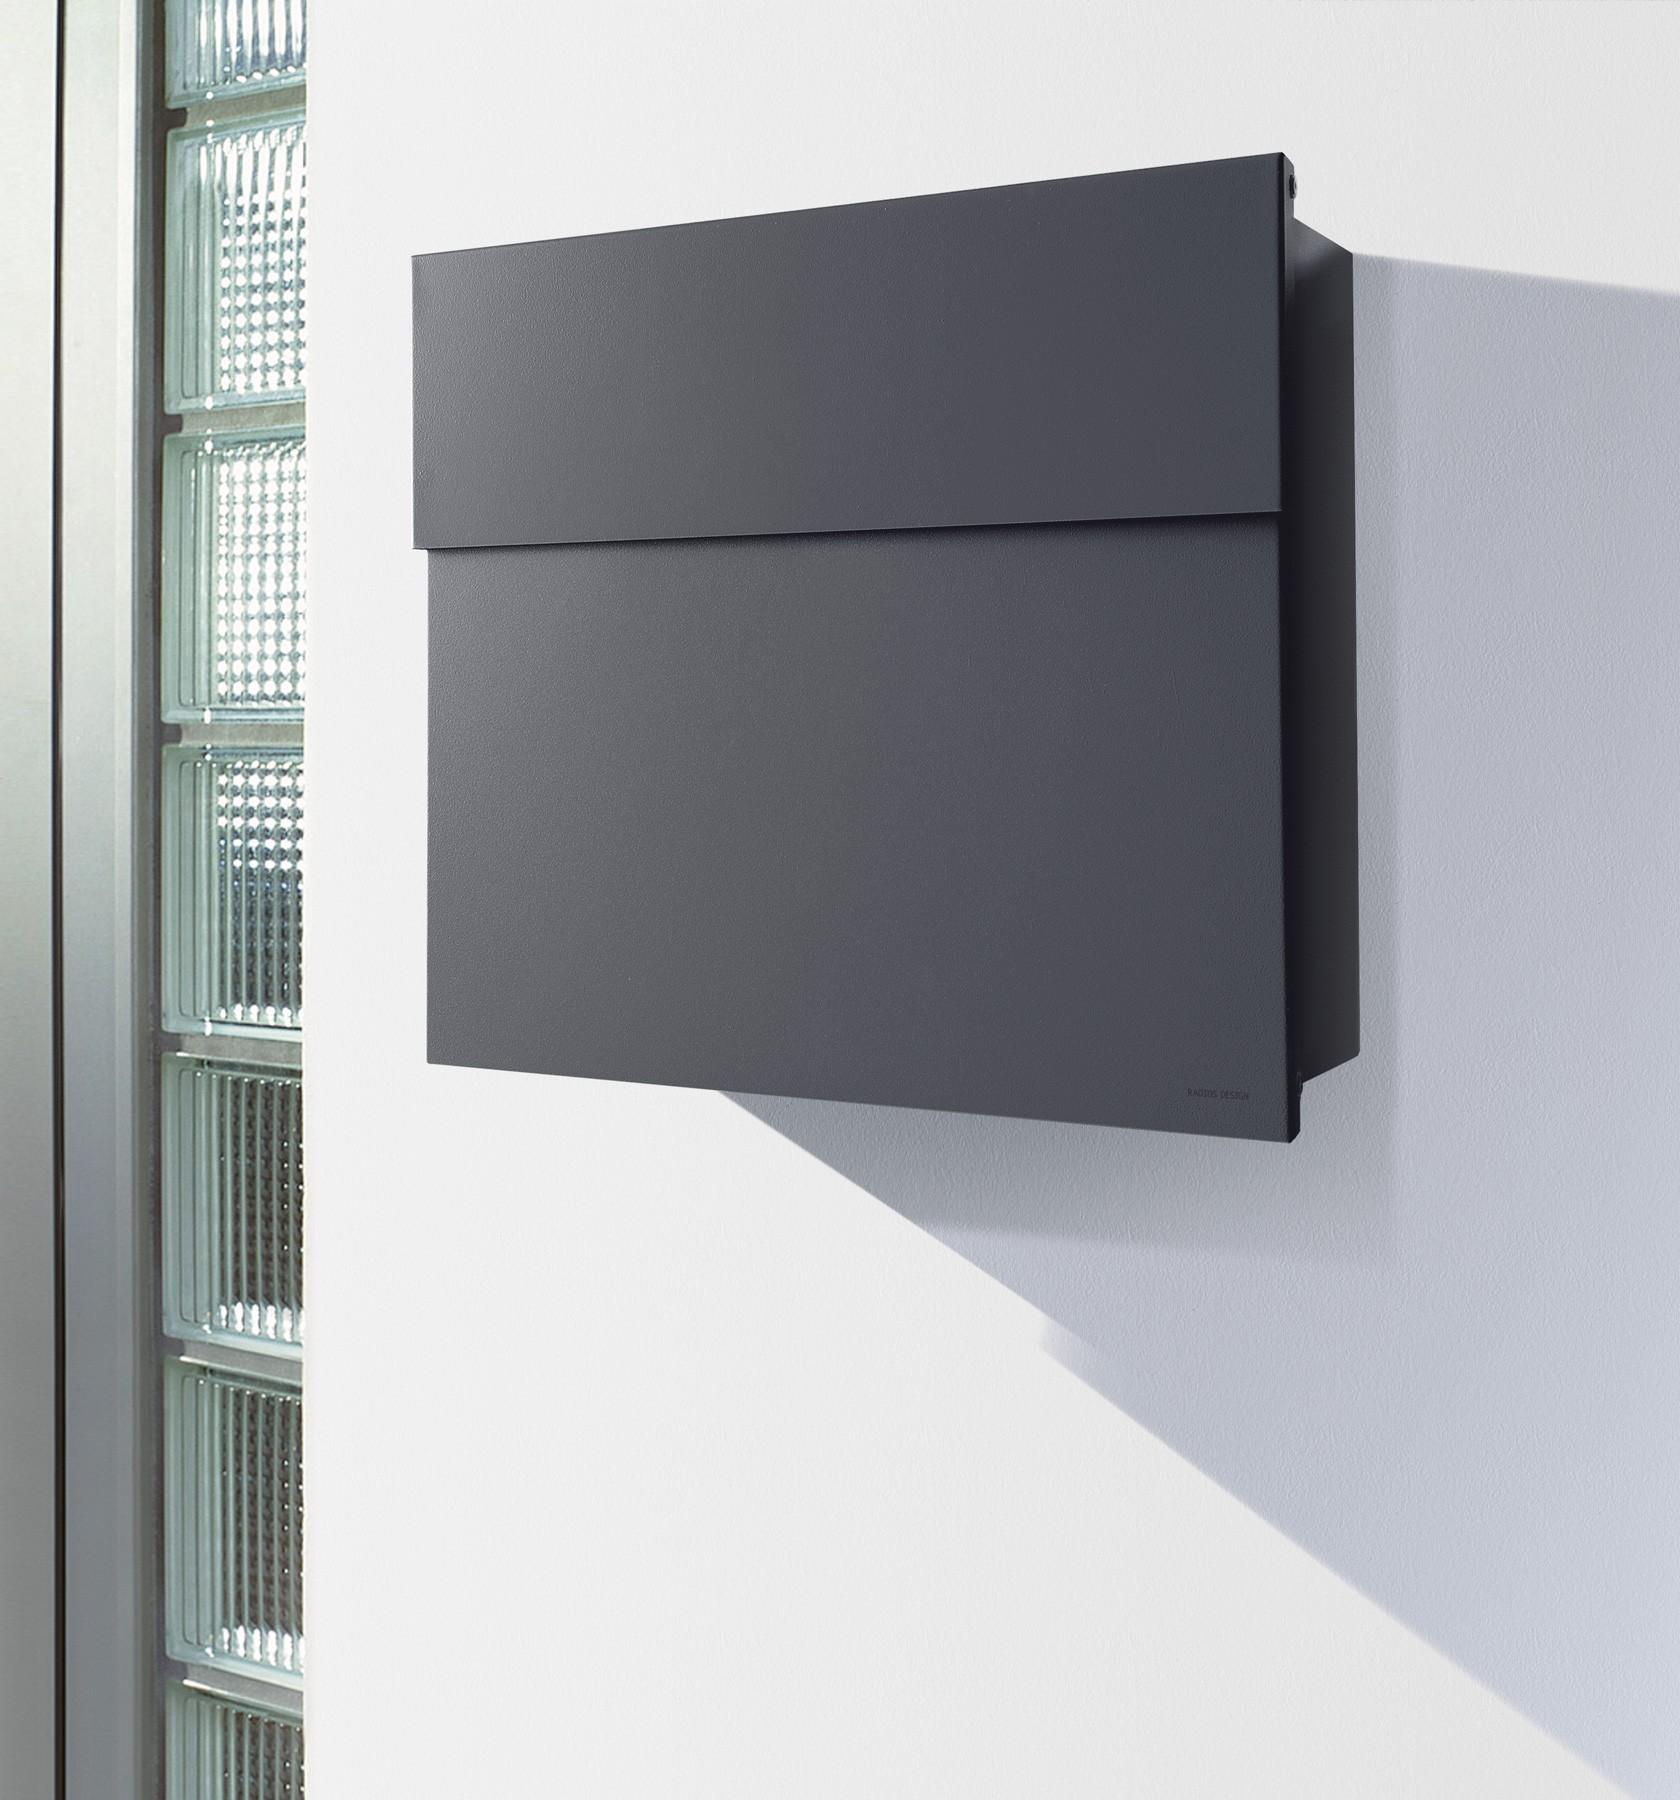 radius design briefkasten letterman 4 anthrazit grau ral 7016 verdecktes schloss moderner. Black Bedroom Furniture Sets. Home Design Ideas